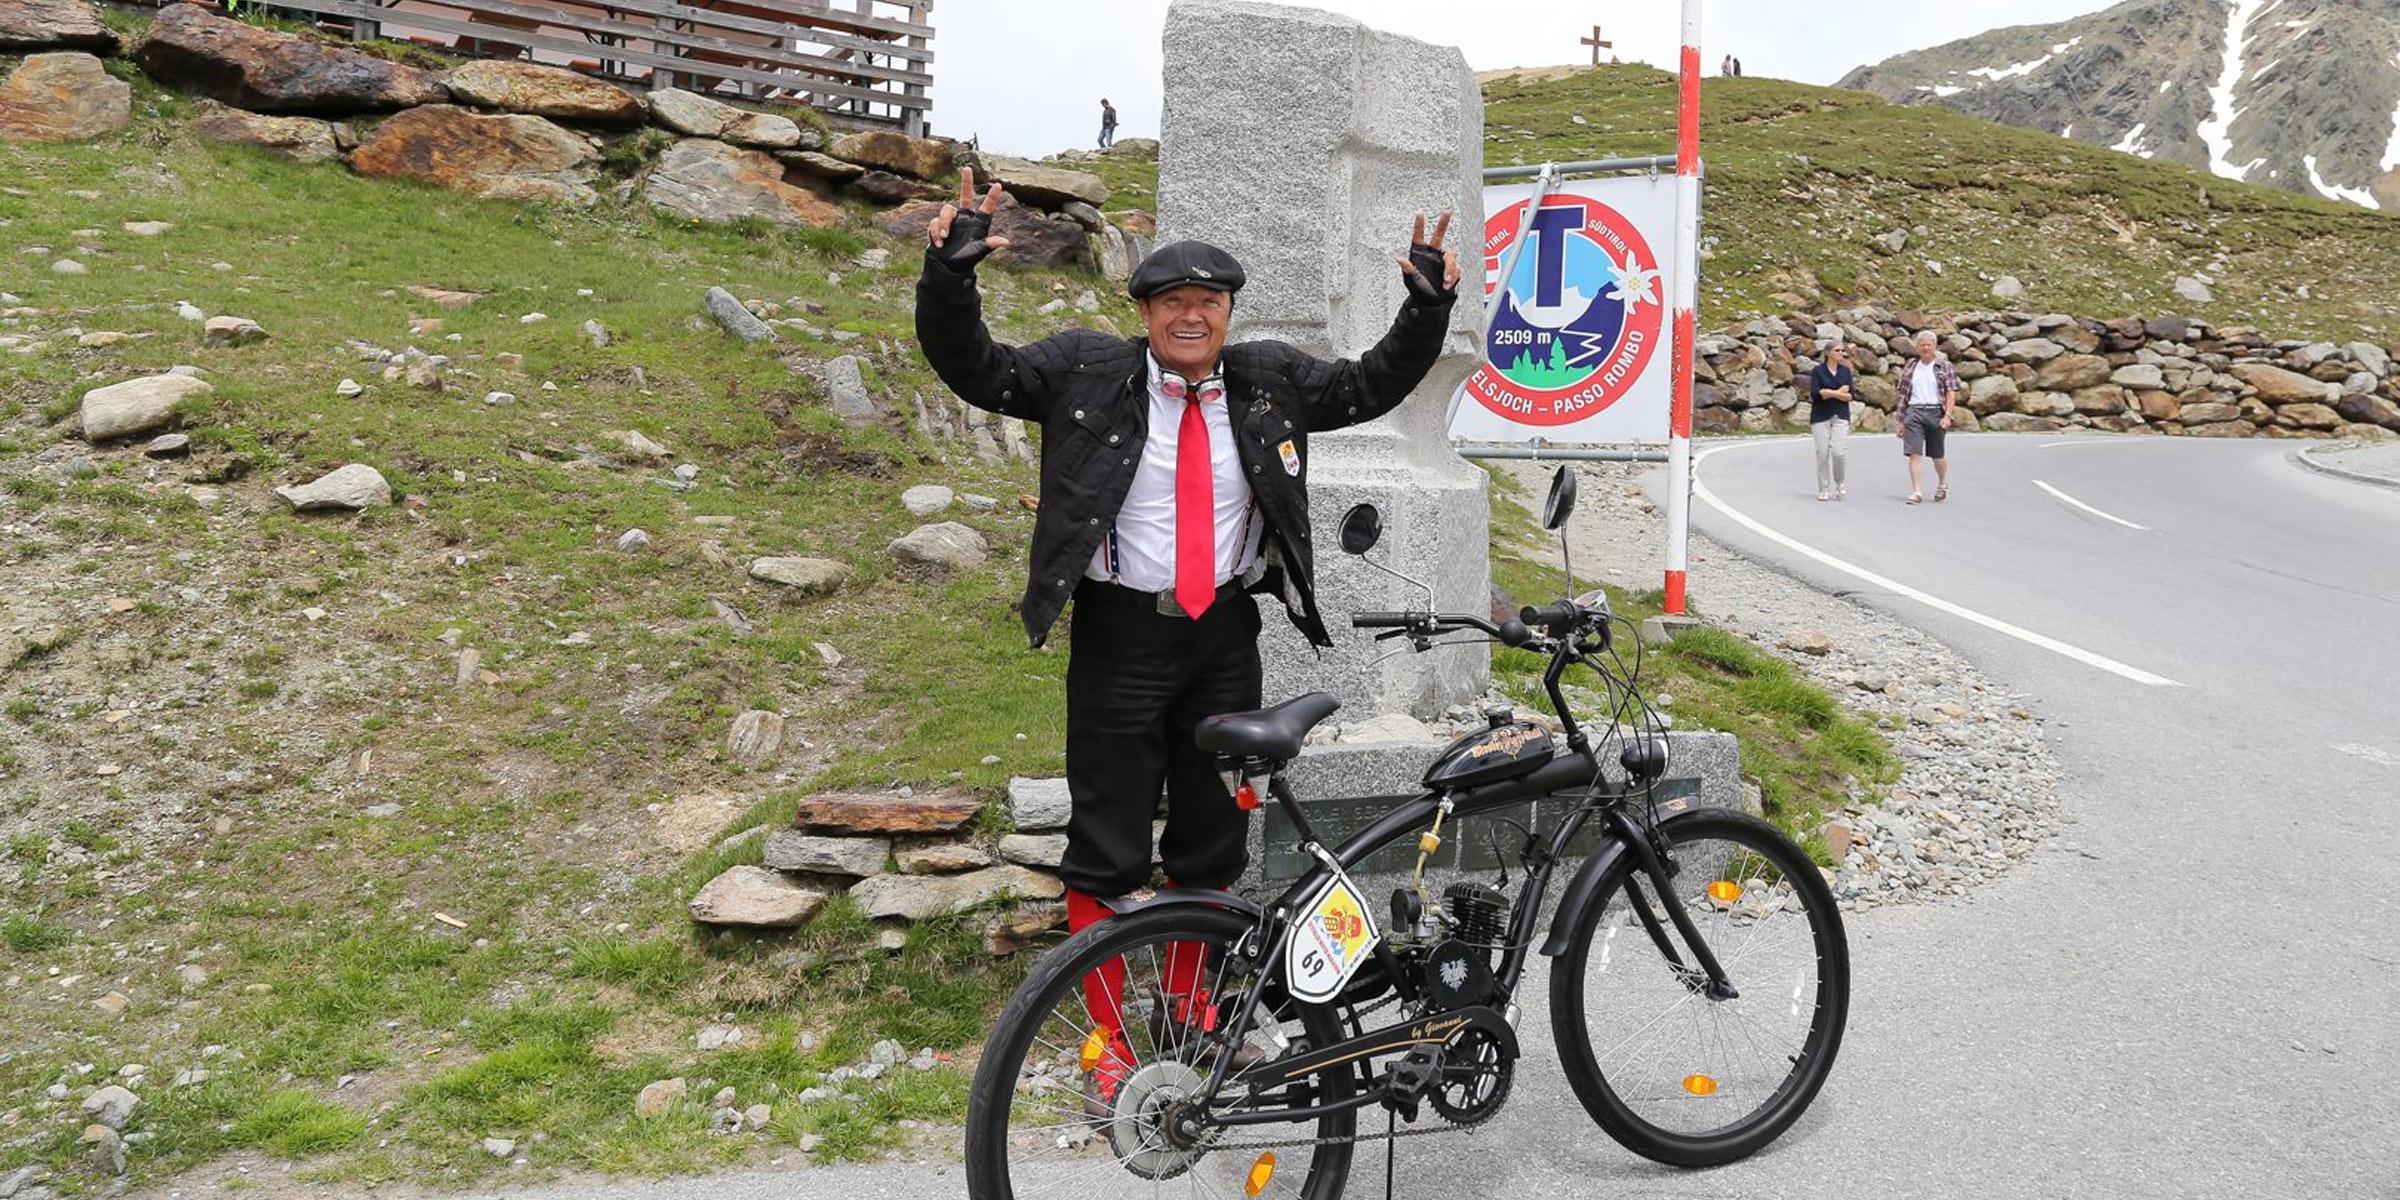 Teilnehmer kommt am Timmelsjoch an - Ötztaler Mopedmarathon